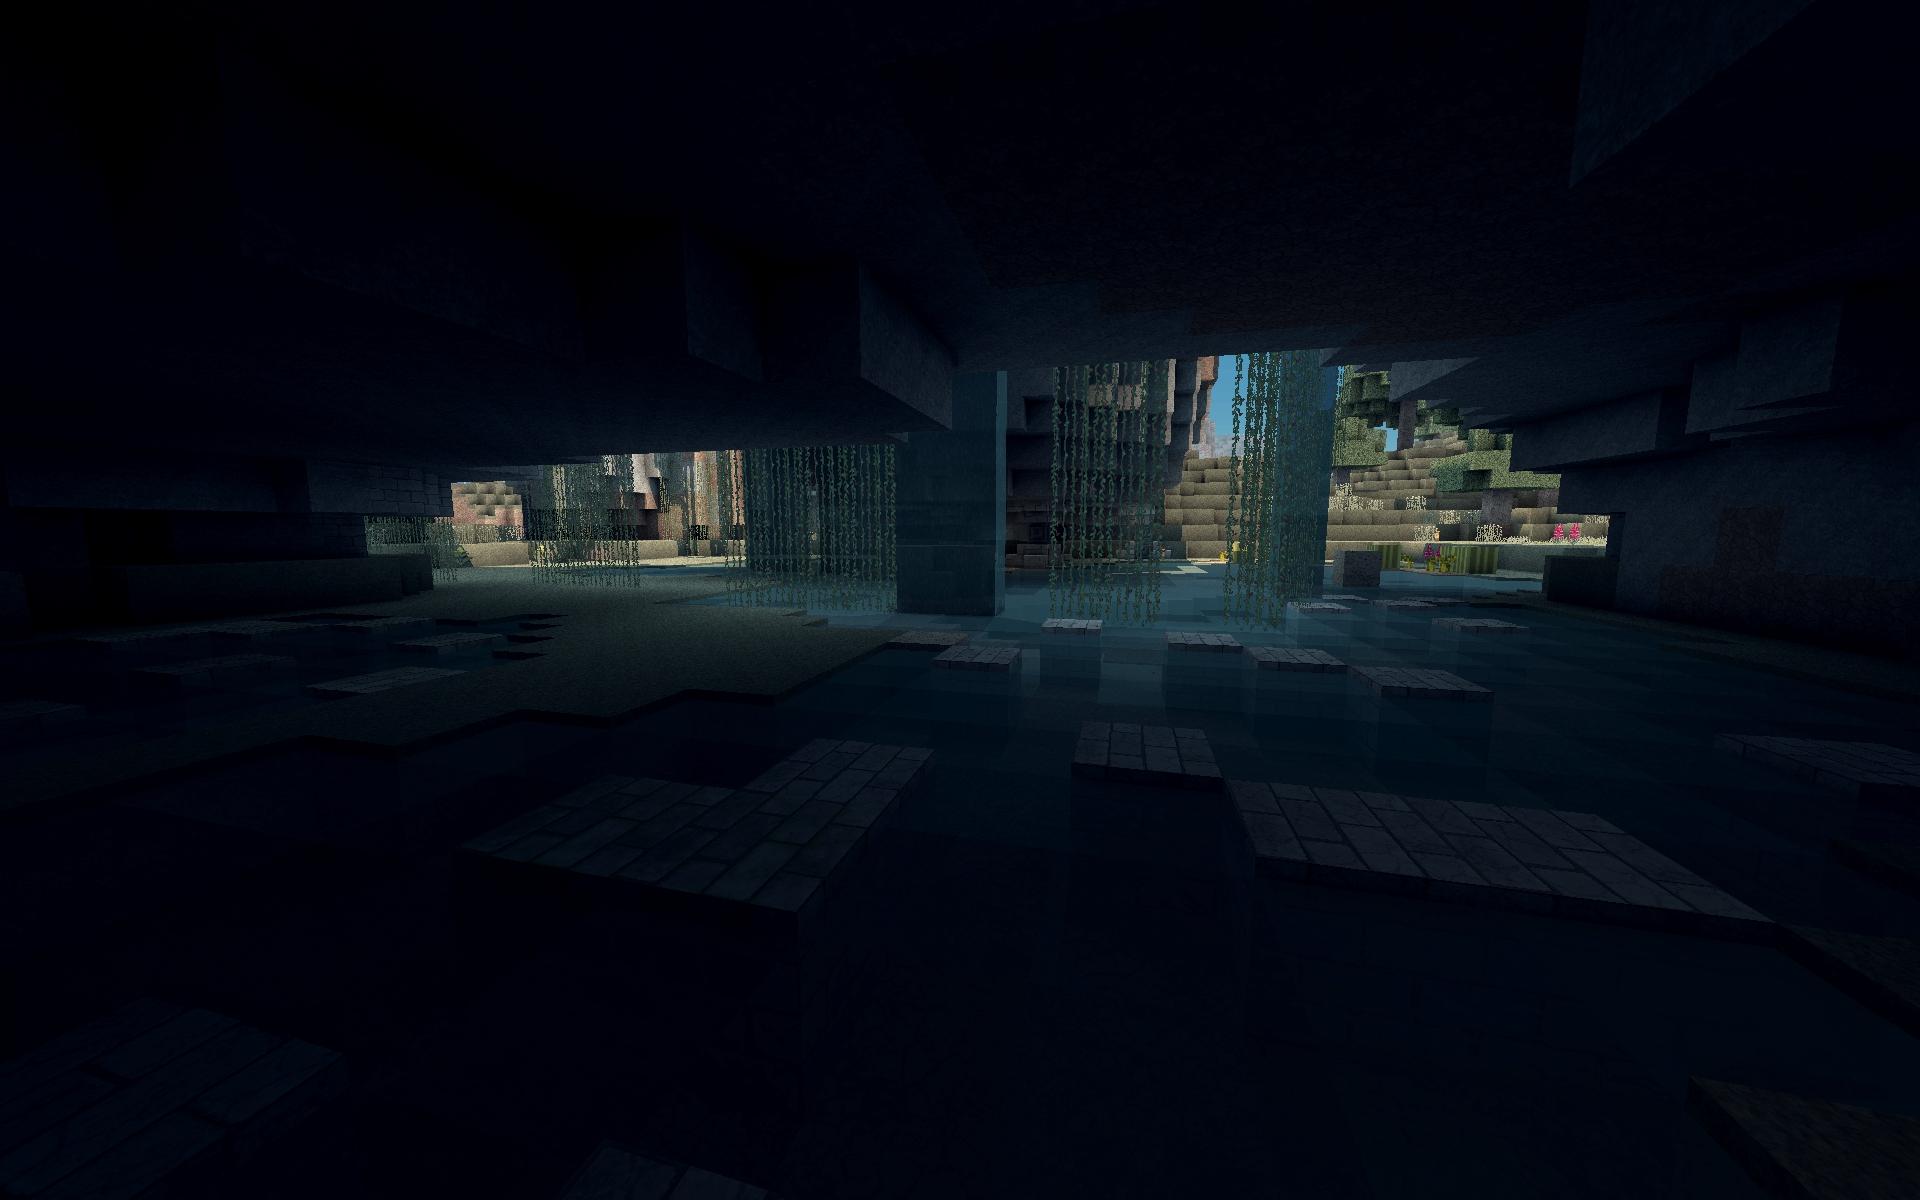 http://minecraft-forum.net/wp-content/uploads/2012/12/bb4e4__Arid-texture-pack-2.jpg